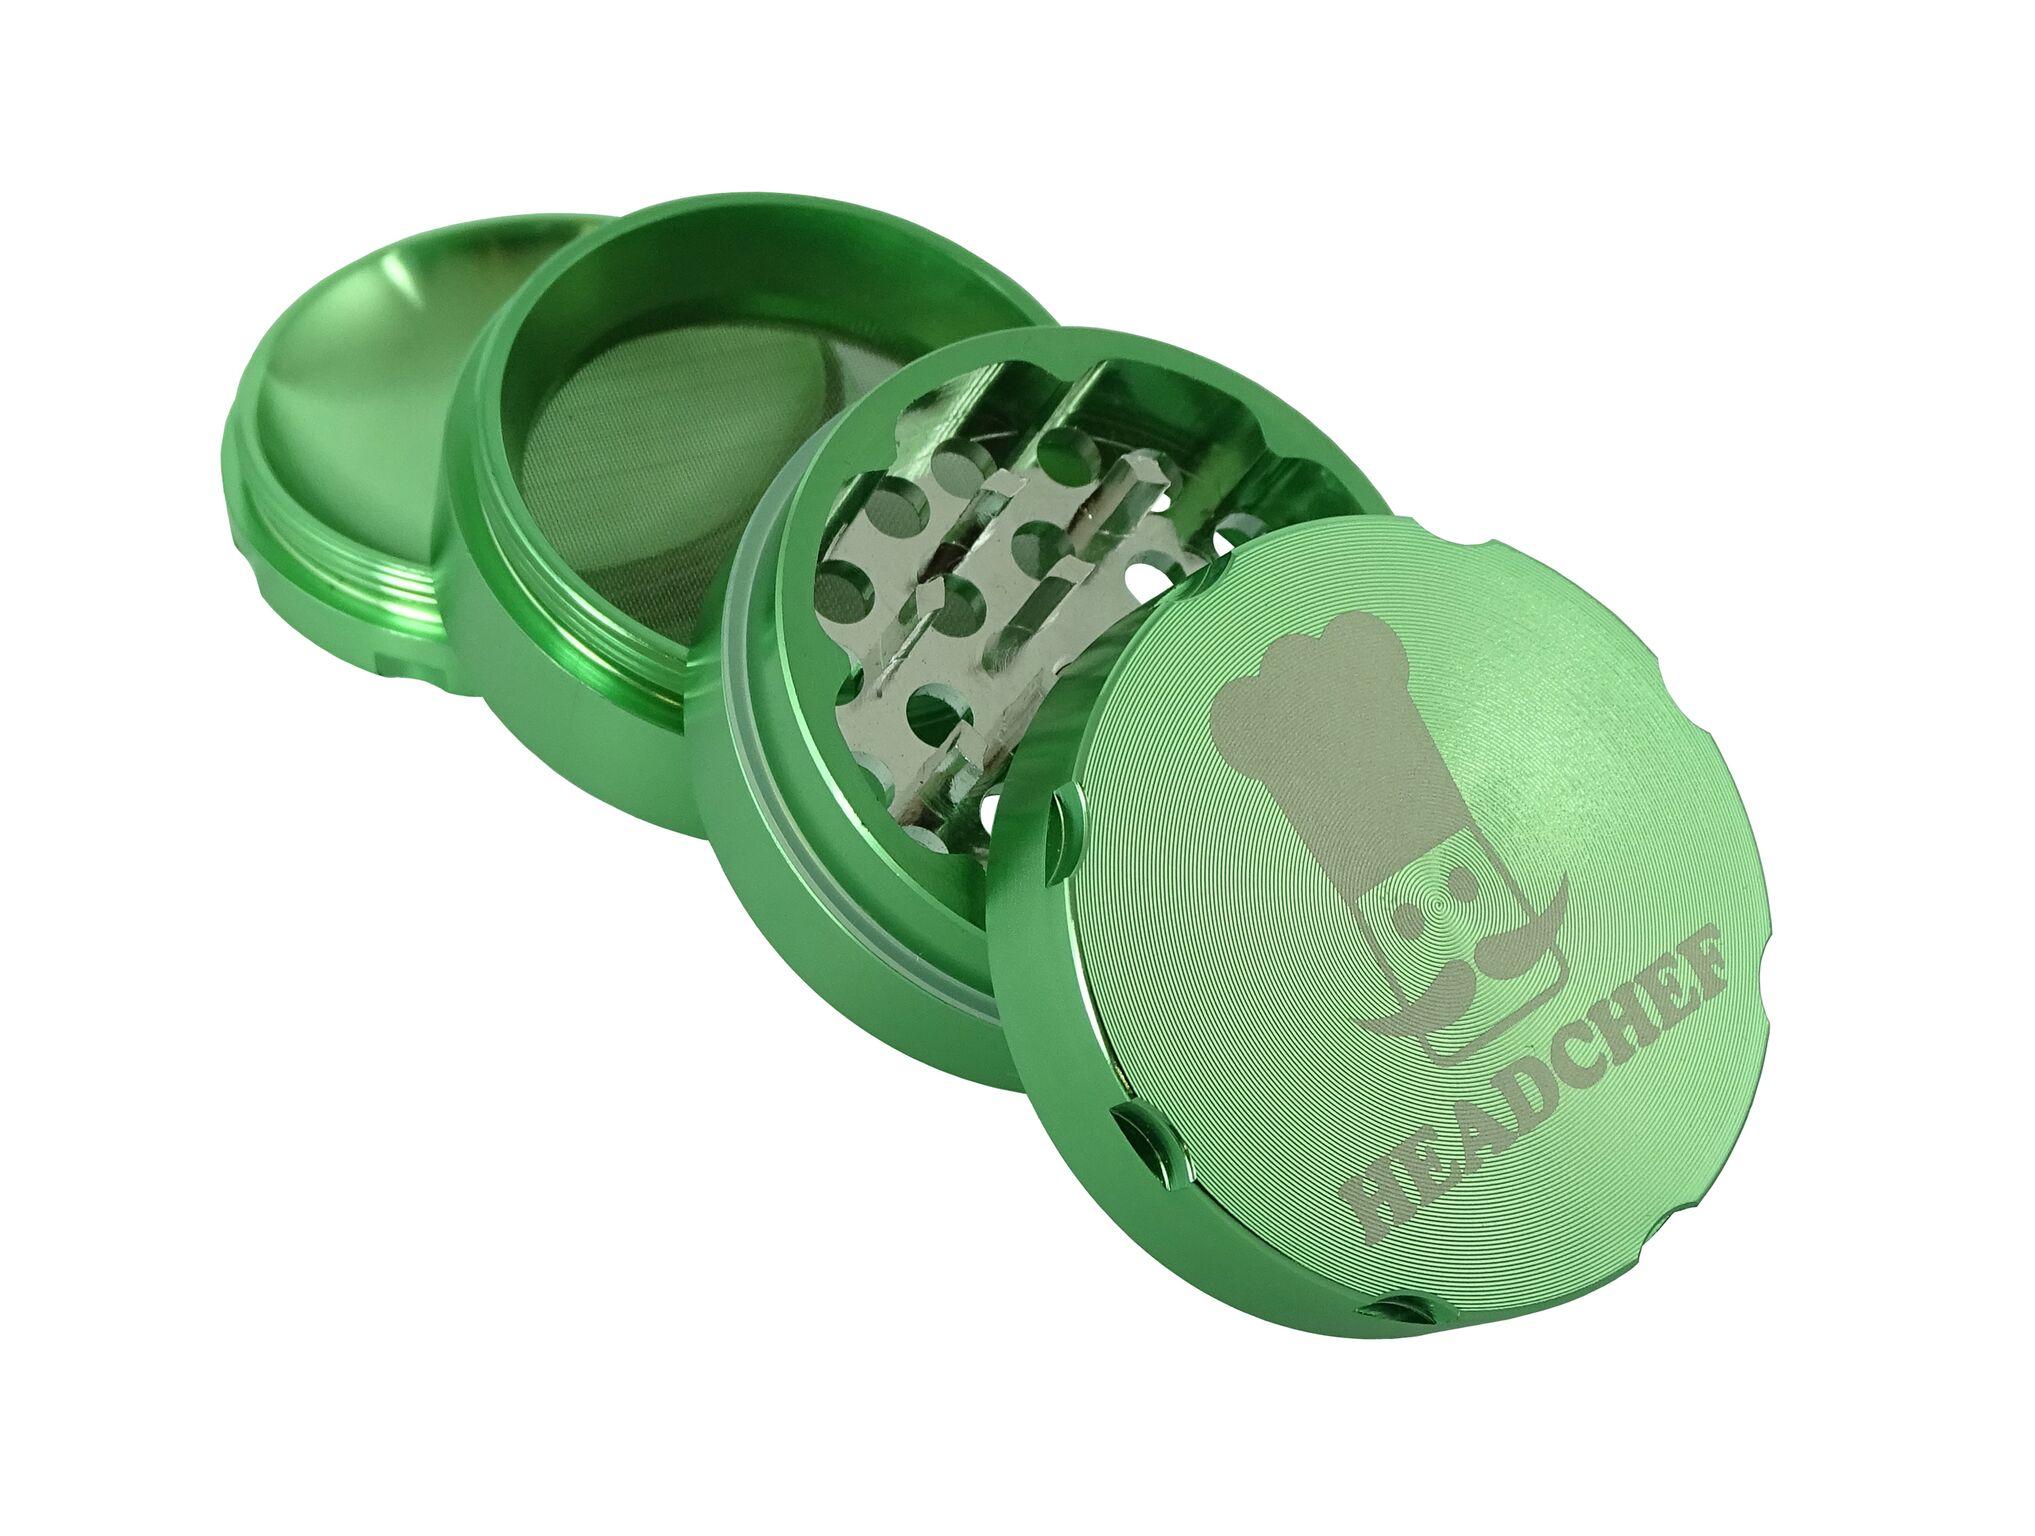 Headchef Grinder 50mm 4 Part - Green